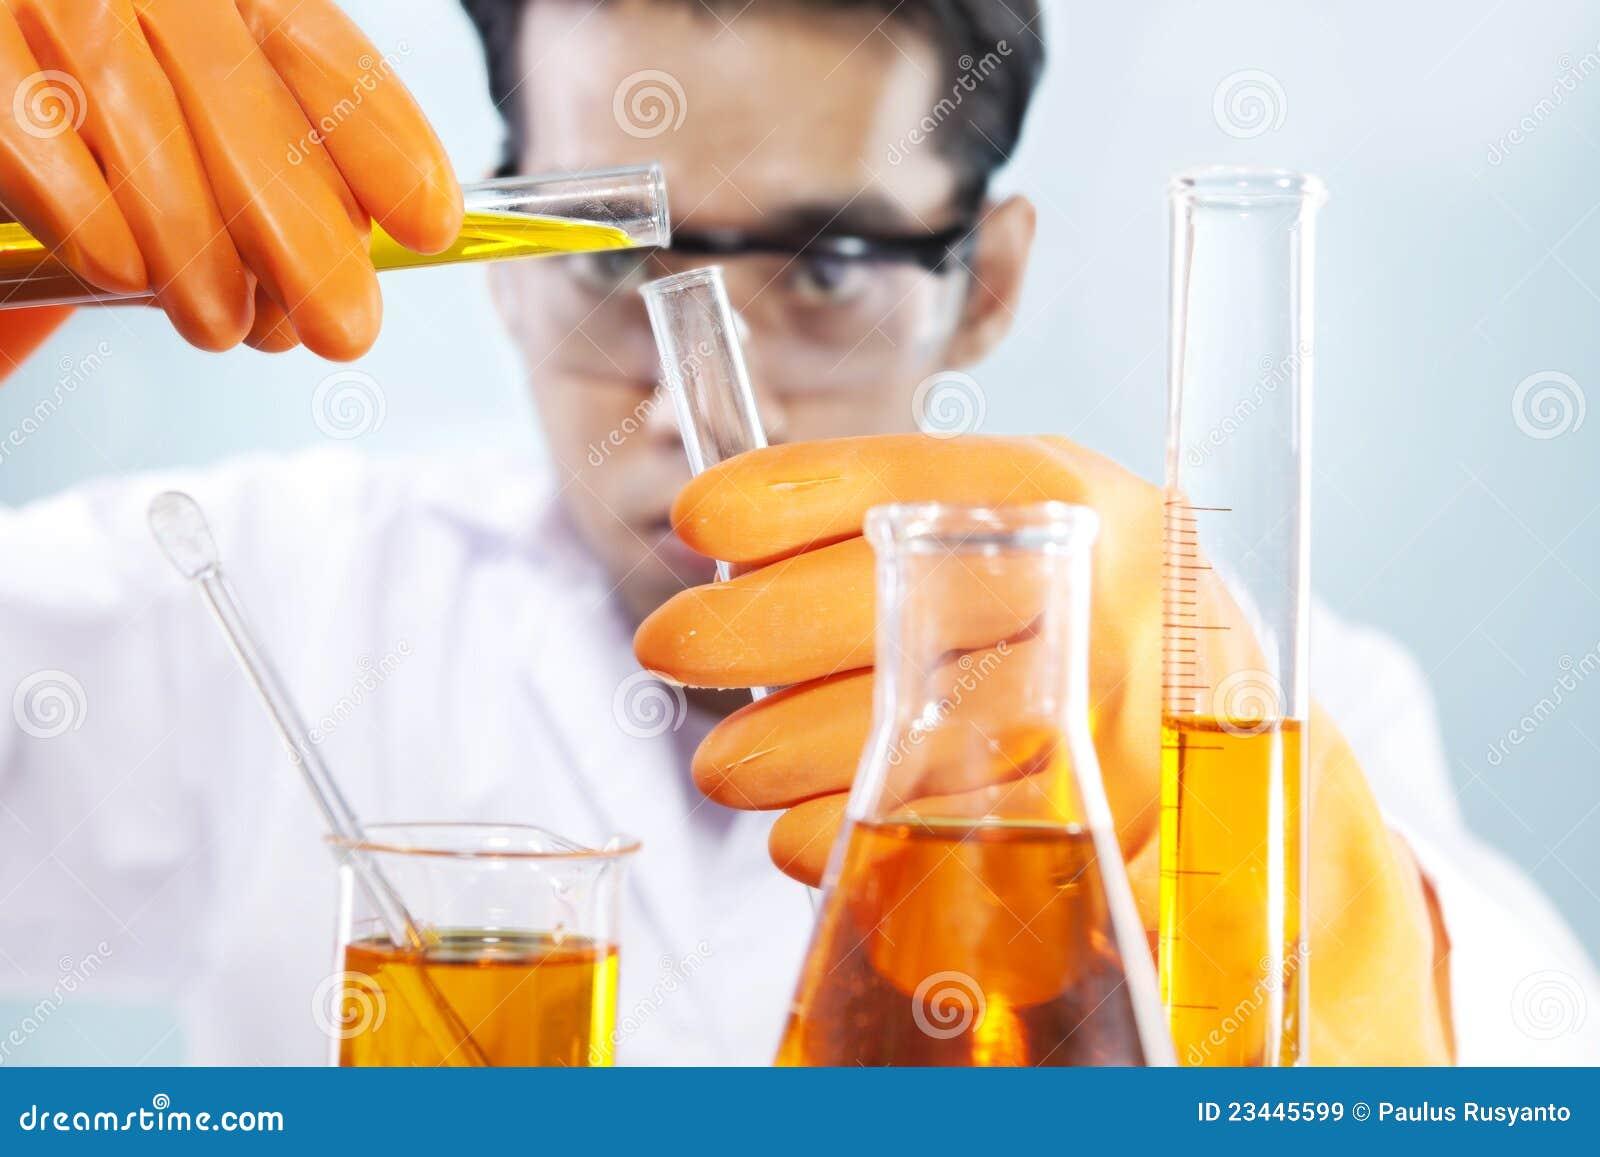 χημική έρευνα εργαστηρίων